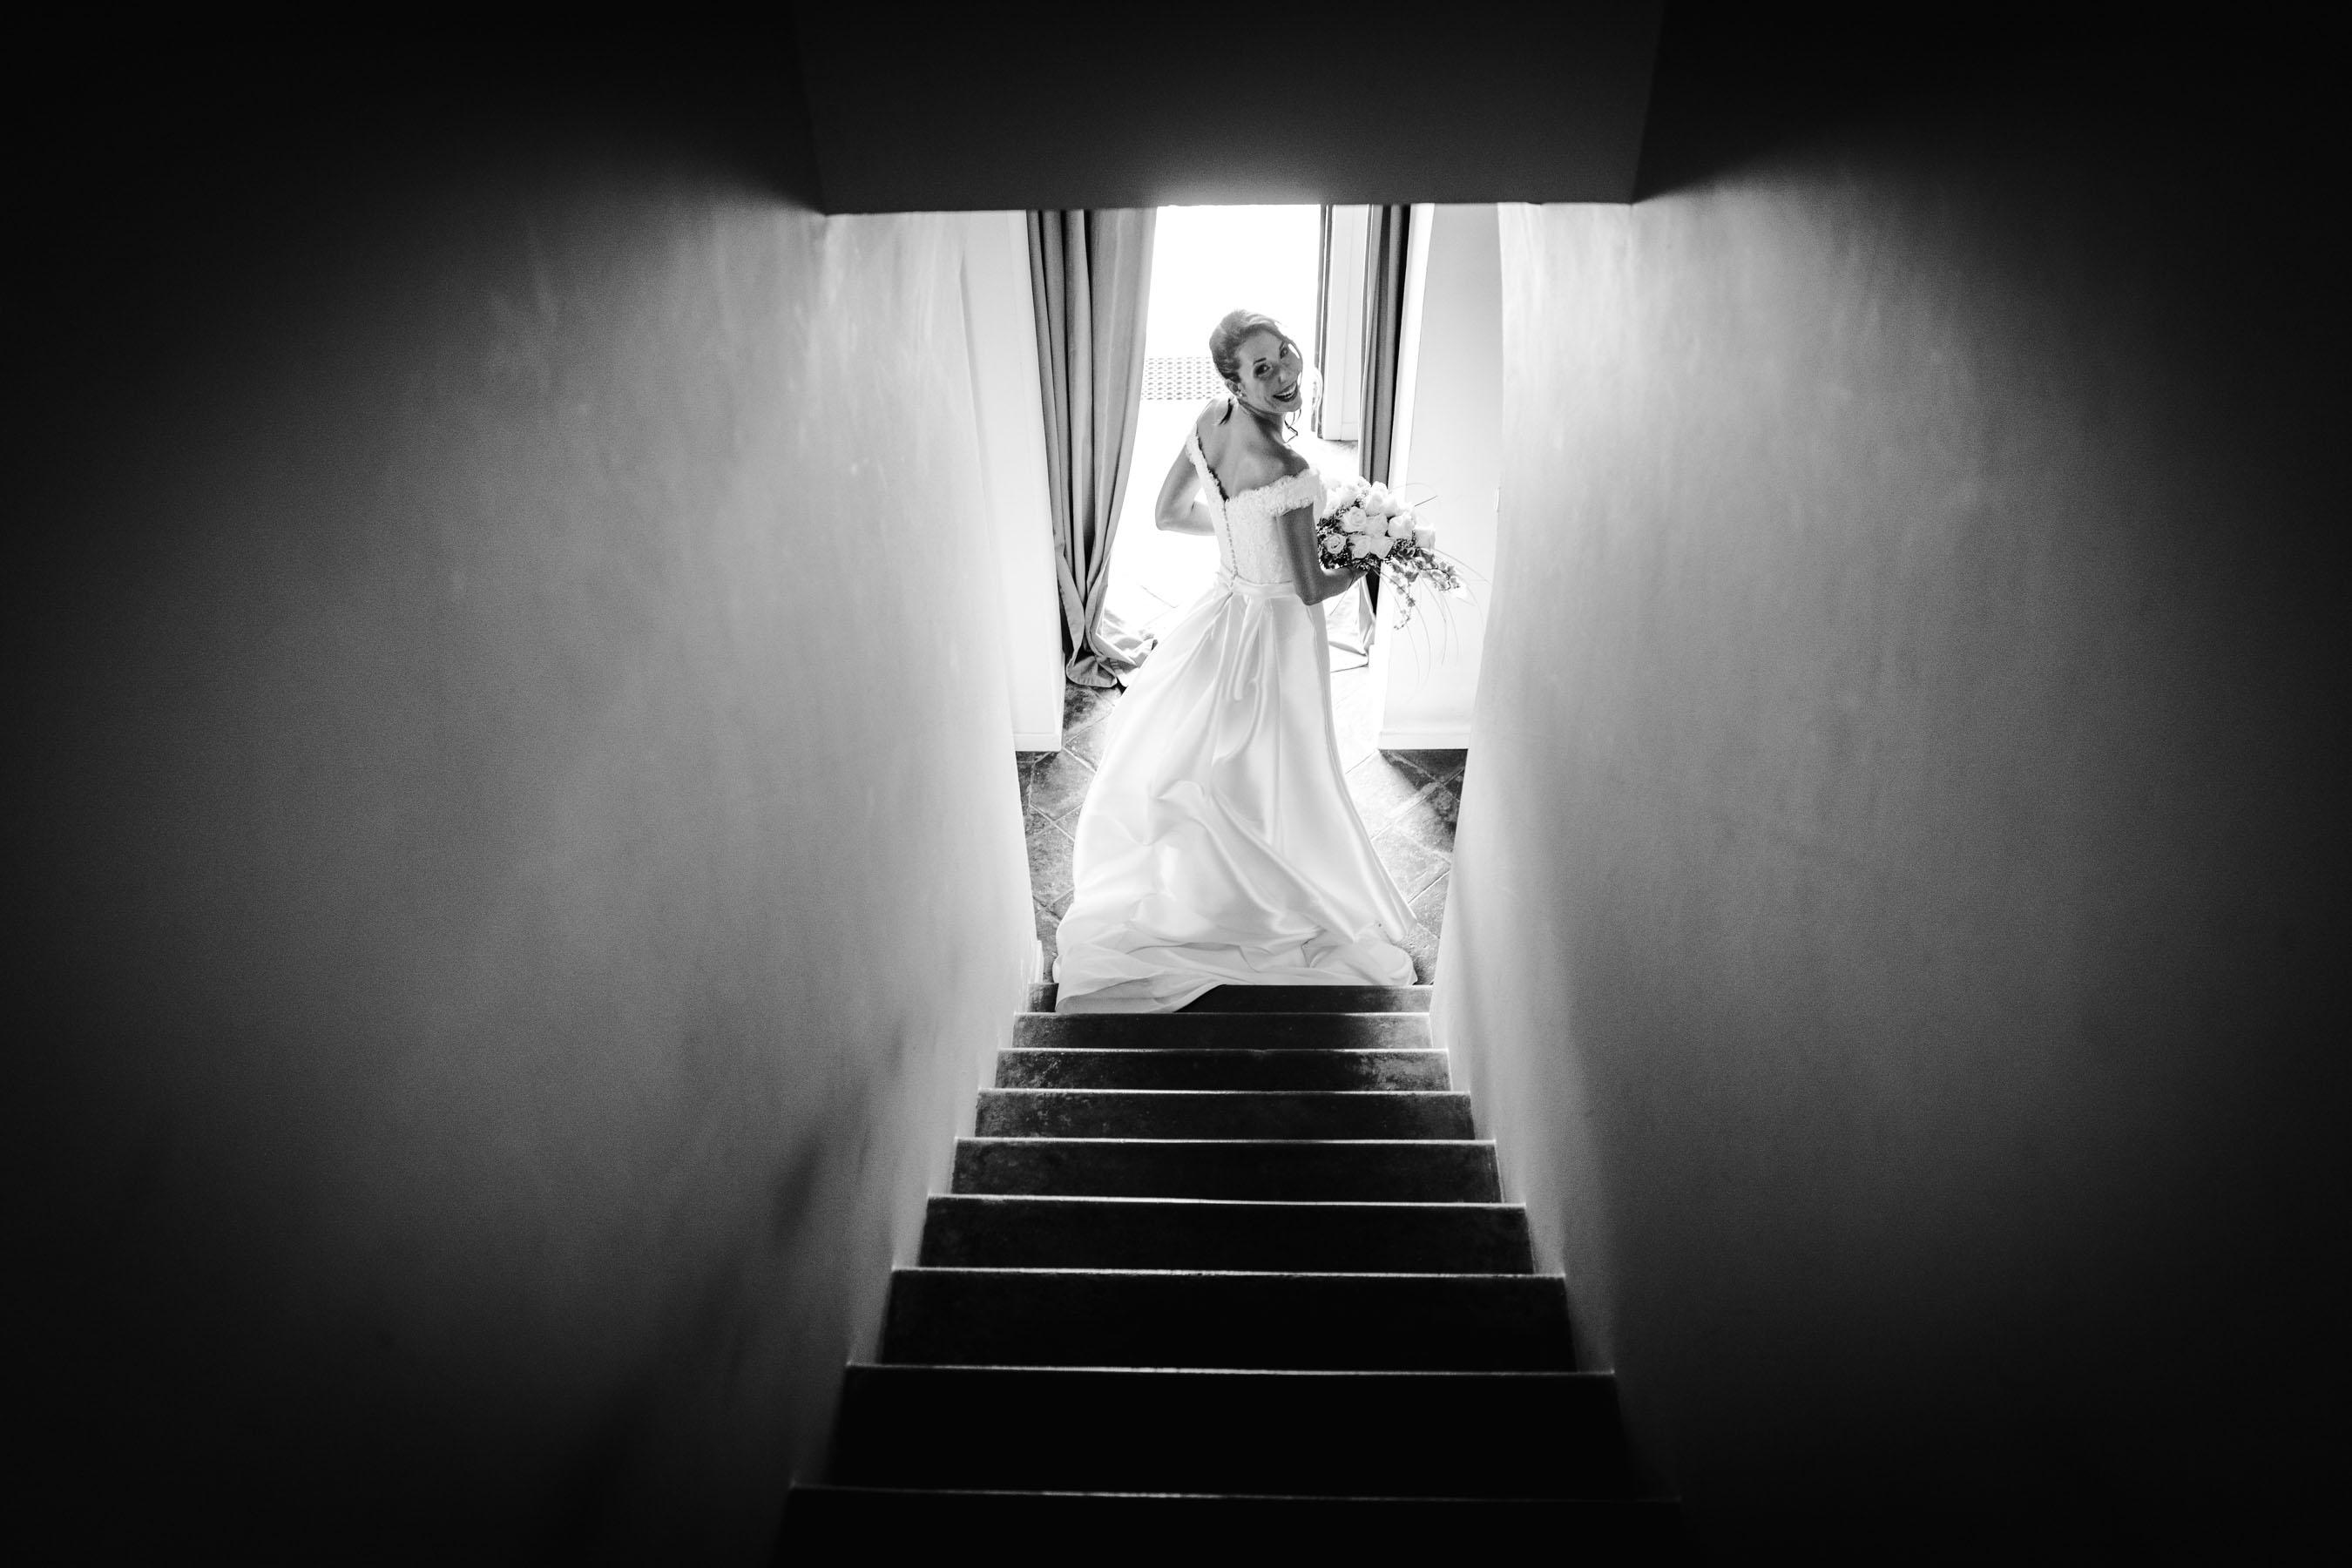 art foto_torino_monica sica photography_la vià _cavour_ fotografo matrimonio_torino-16